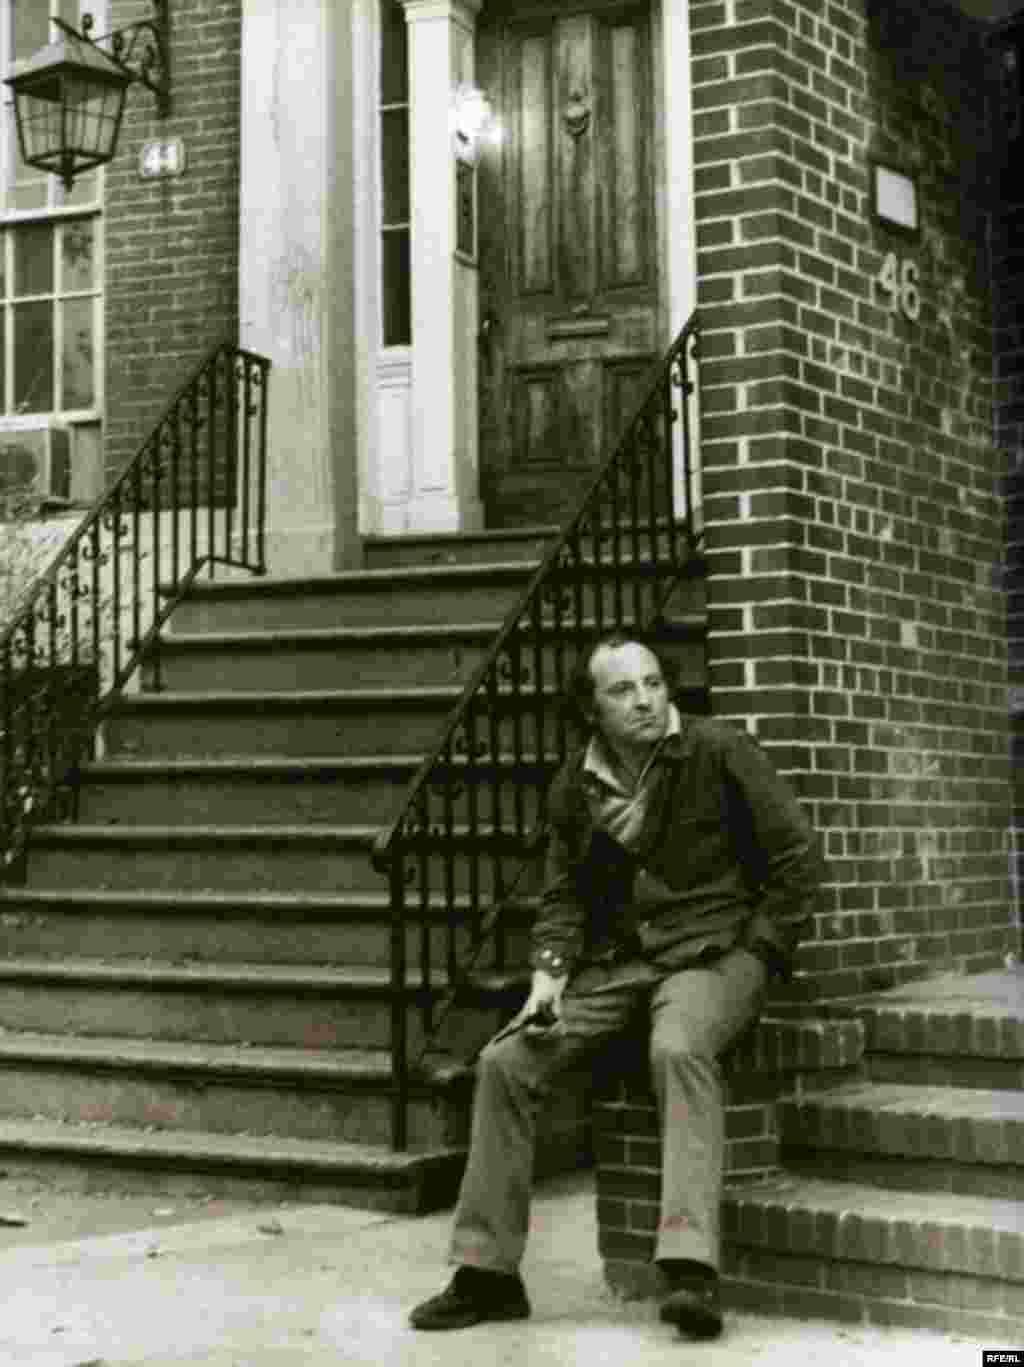 Бродский в Нью-Йорке. Morton 44 #1